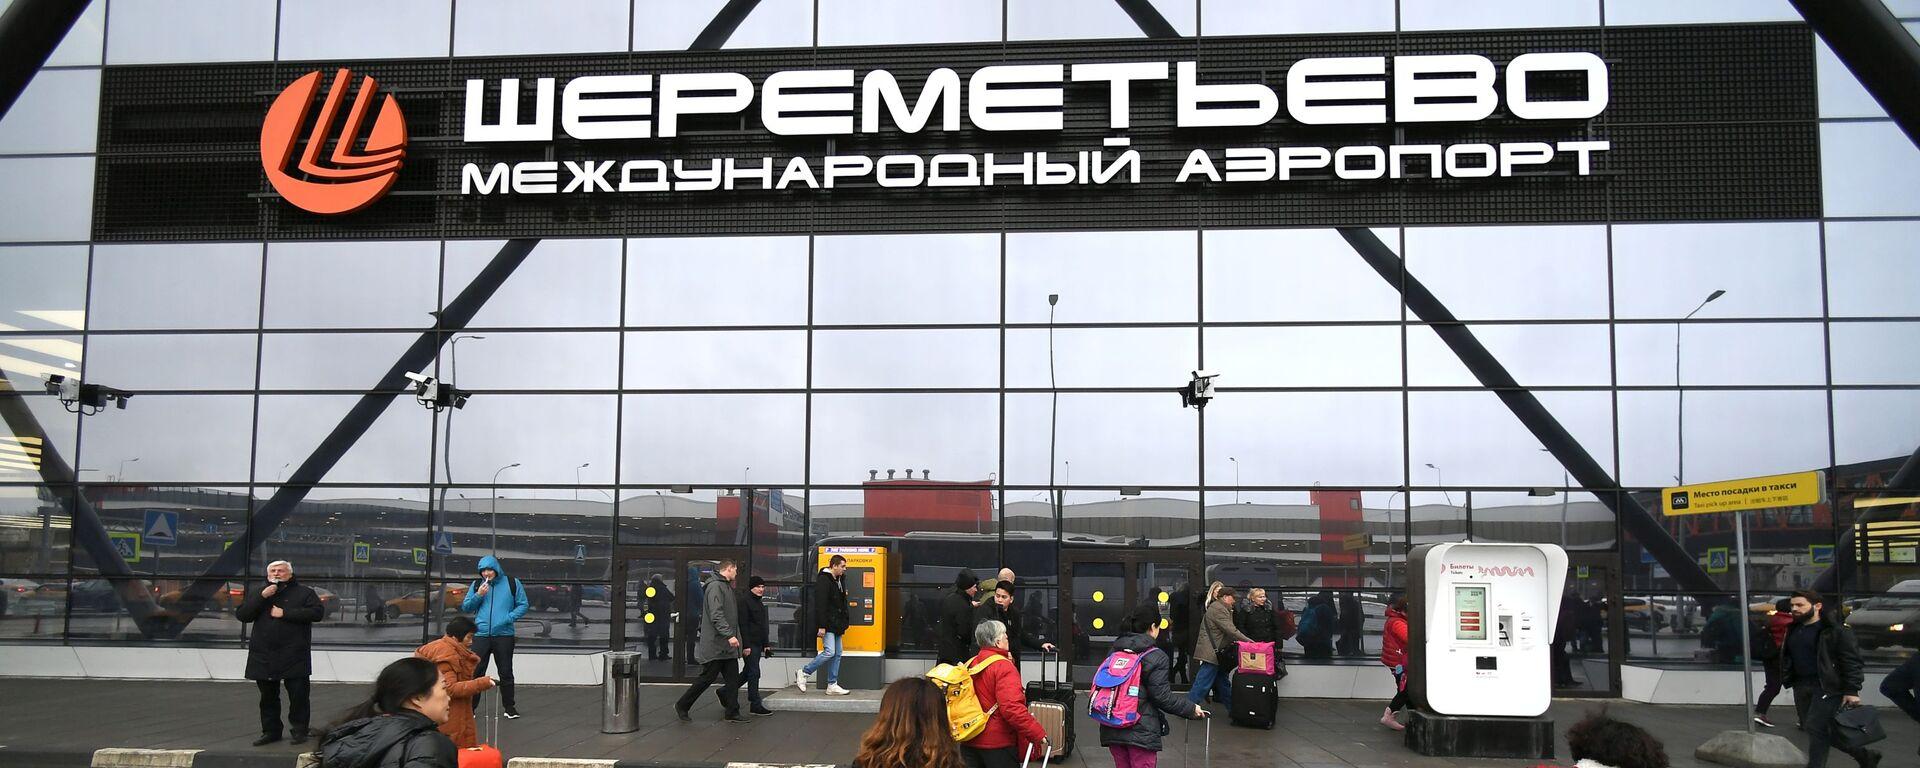 Международный аэропорт Шереметьево в Москве - Sputnik Латвия, 1920, 22.08.2021